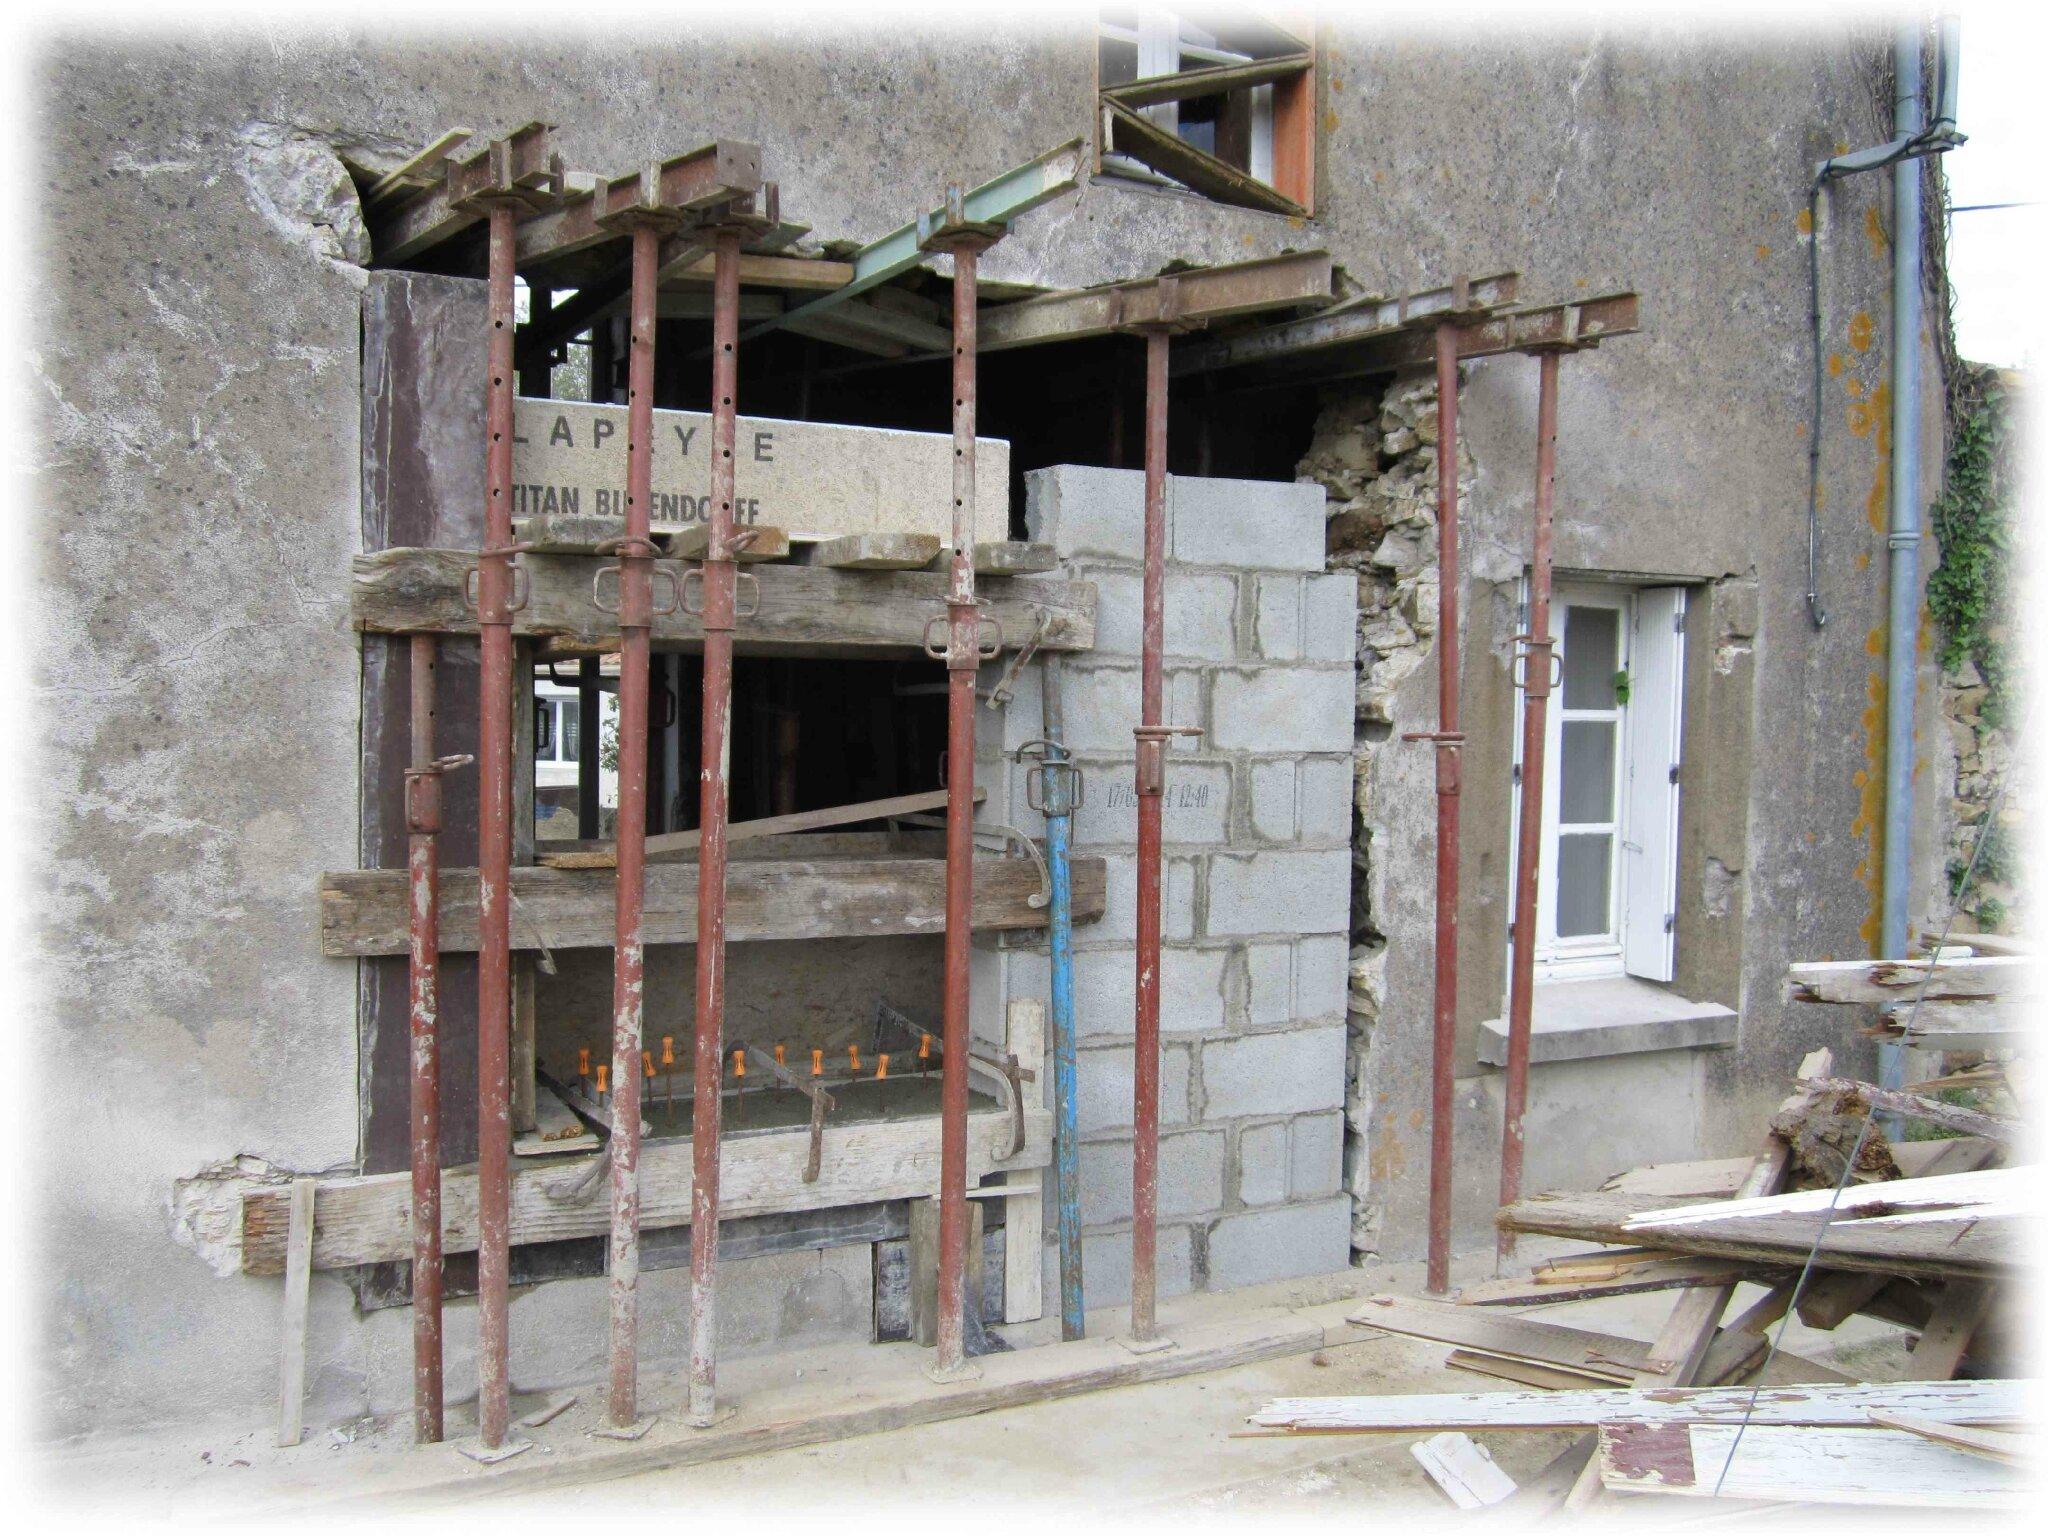 Fen tres du salon notre maison tout un projet for Fenetre mur porteur